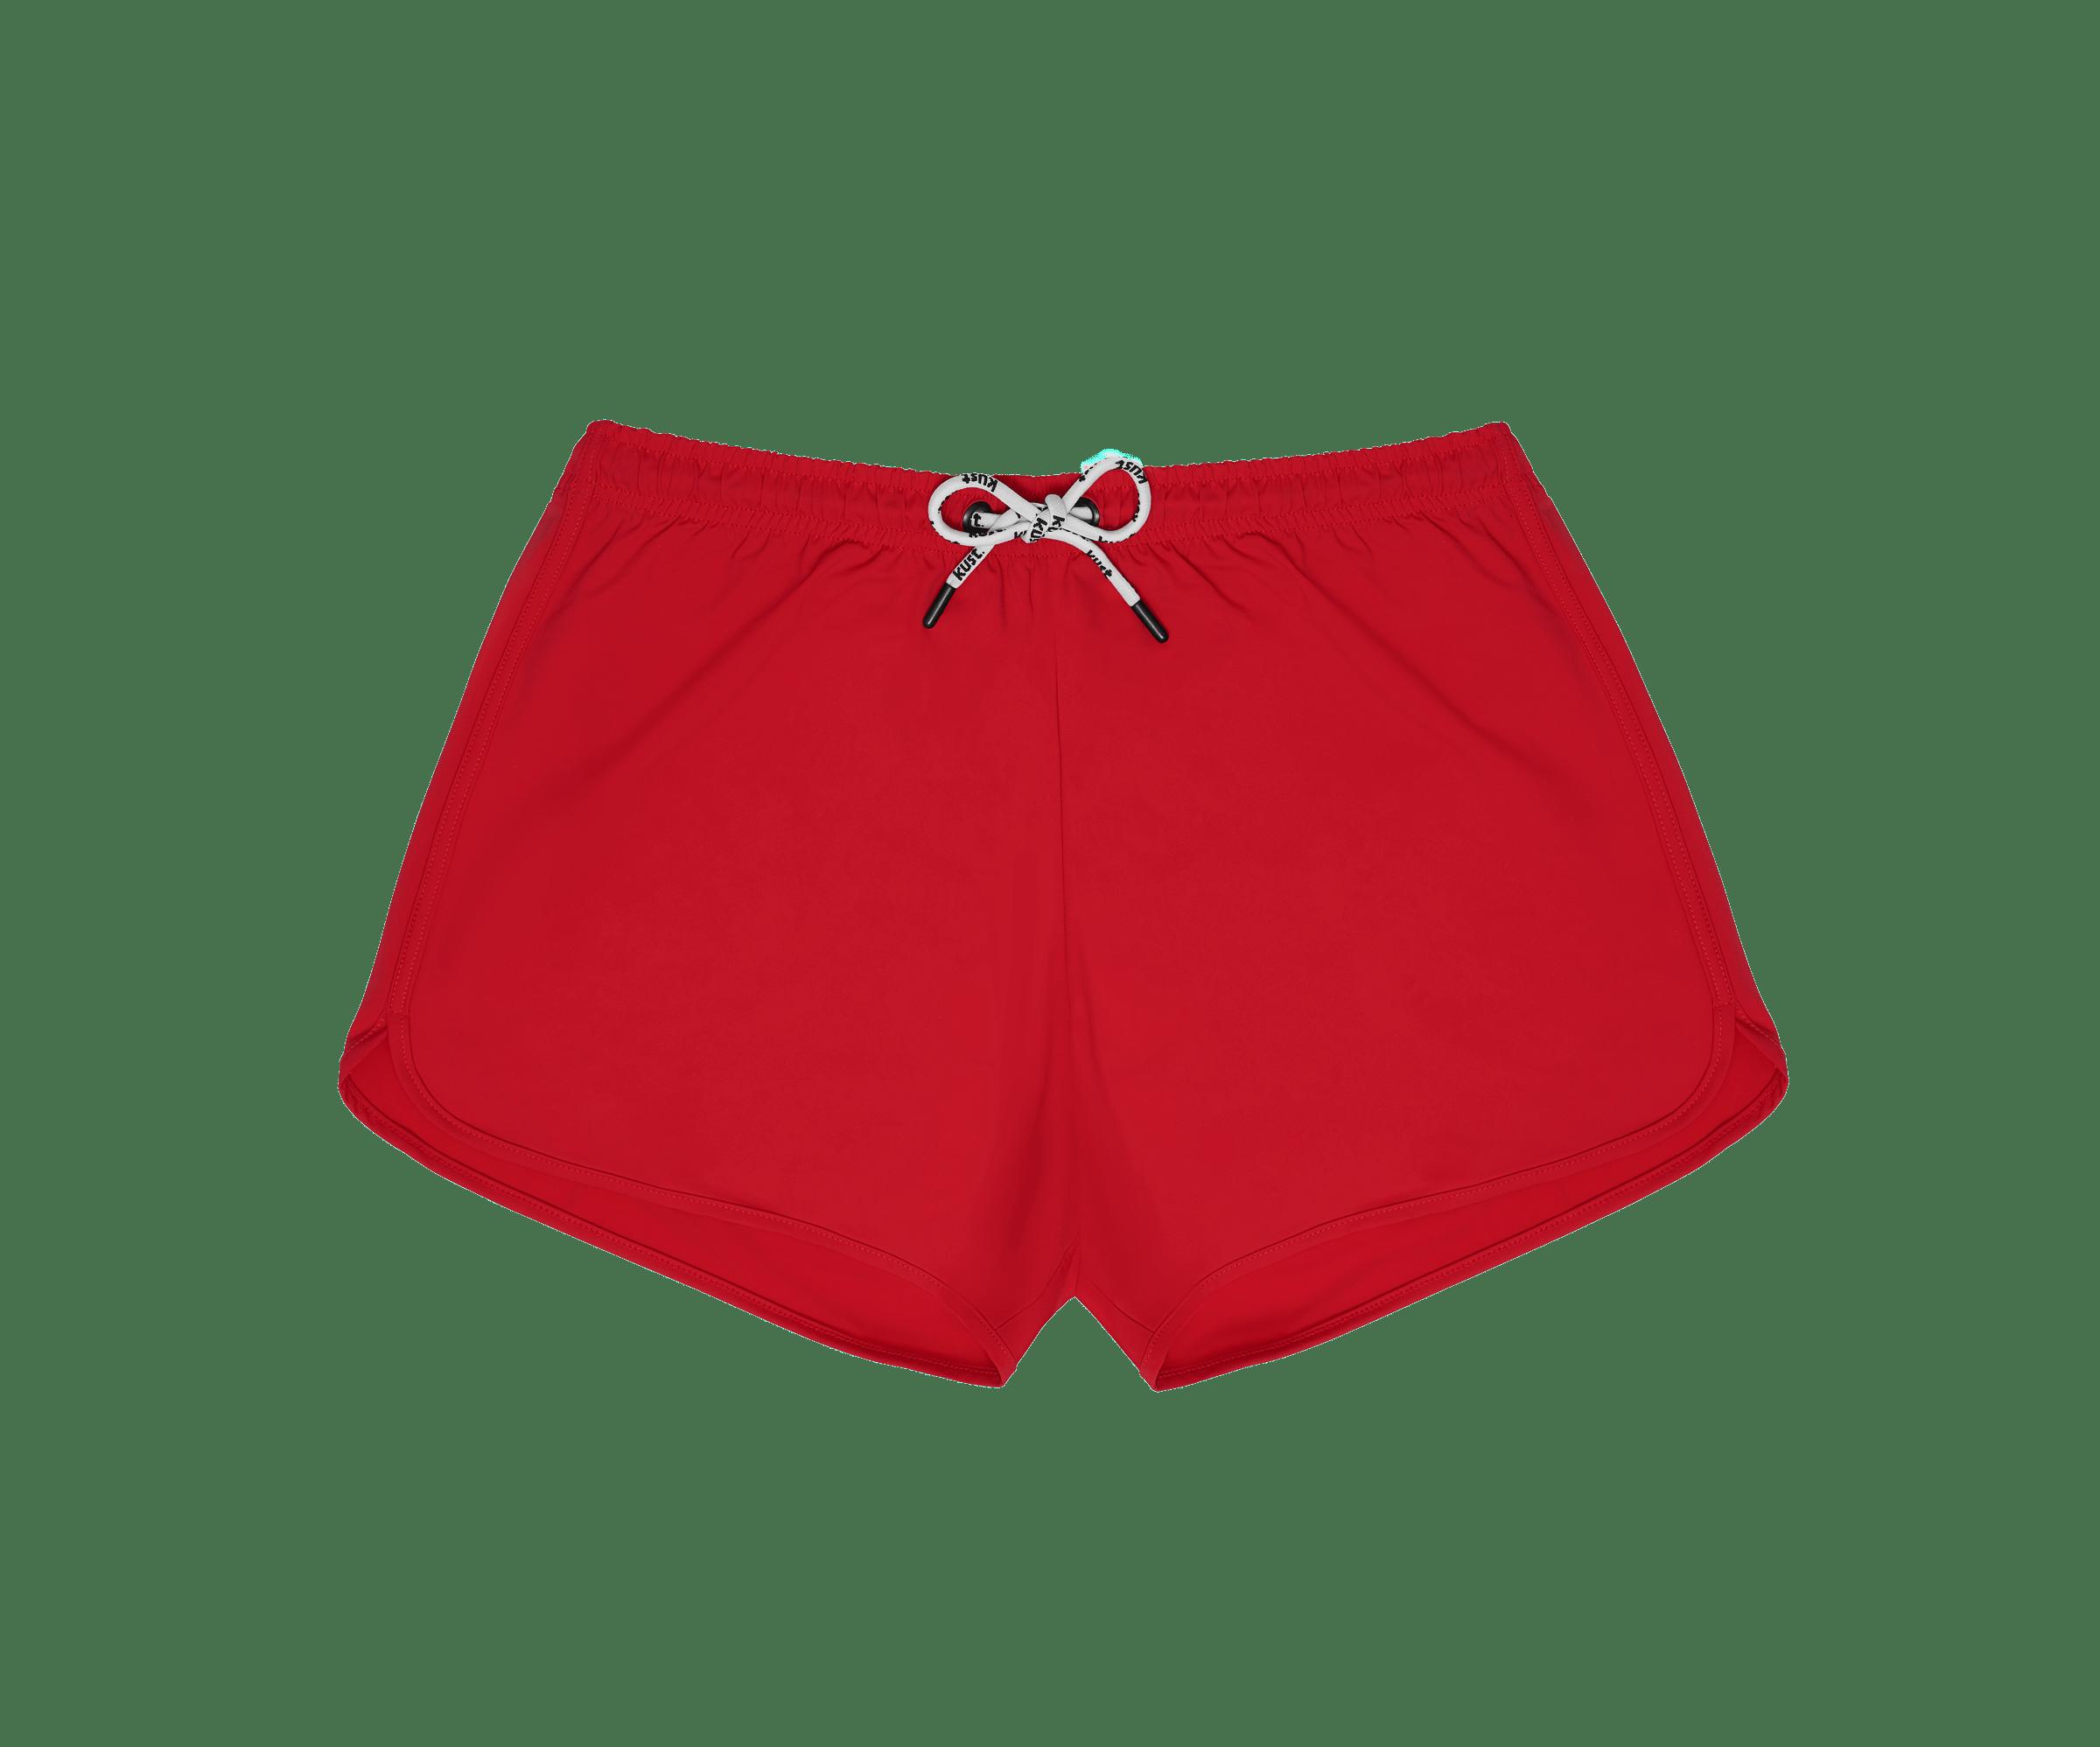 Costume da bagno realizzato a mano modello shorts rosso Kust Swim